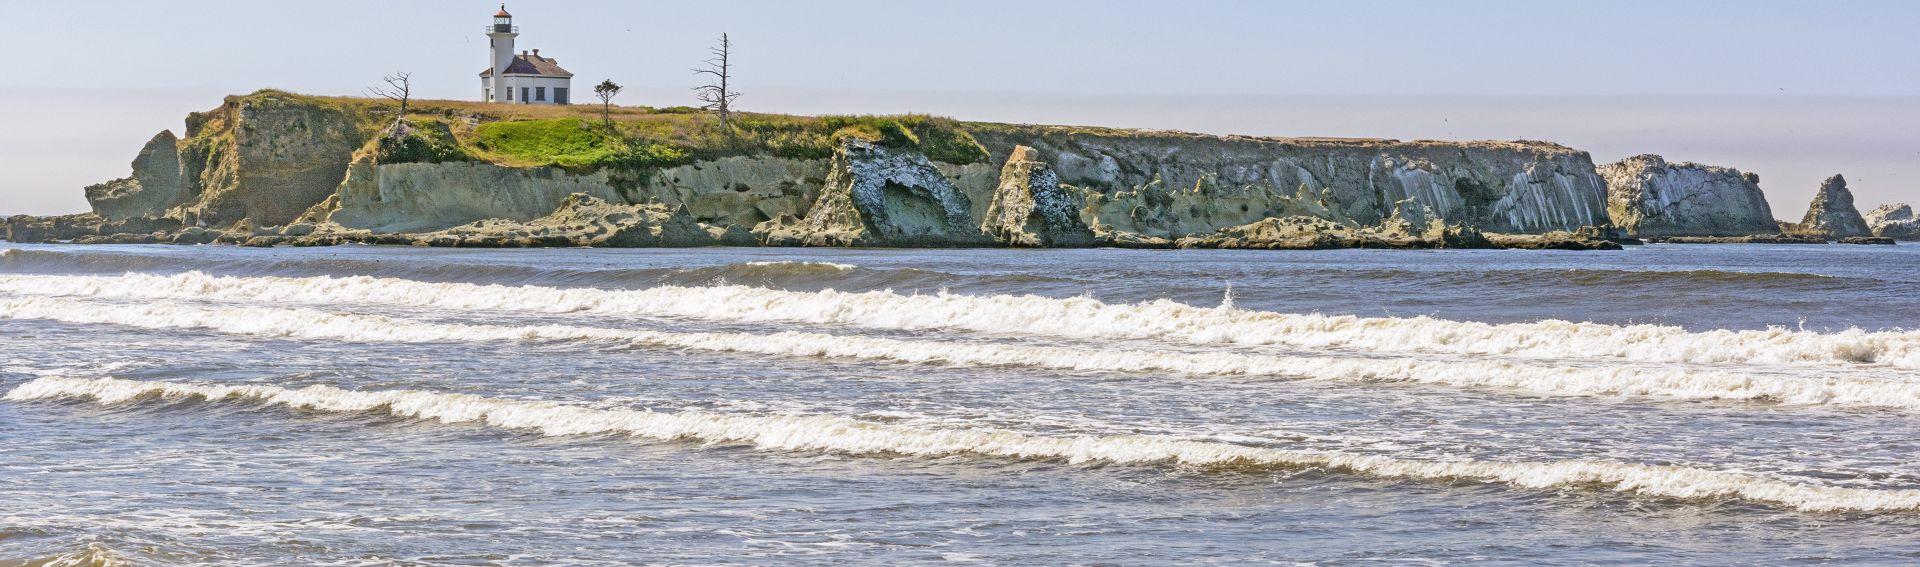 Coos Bay